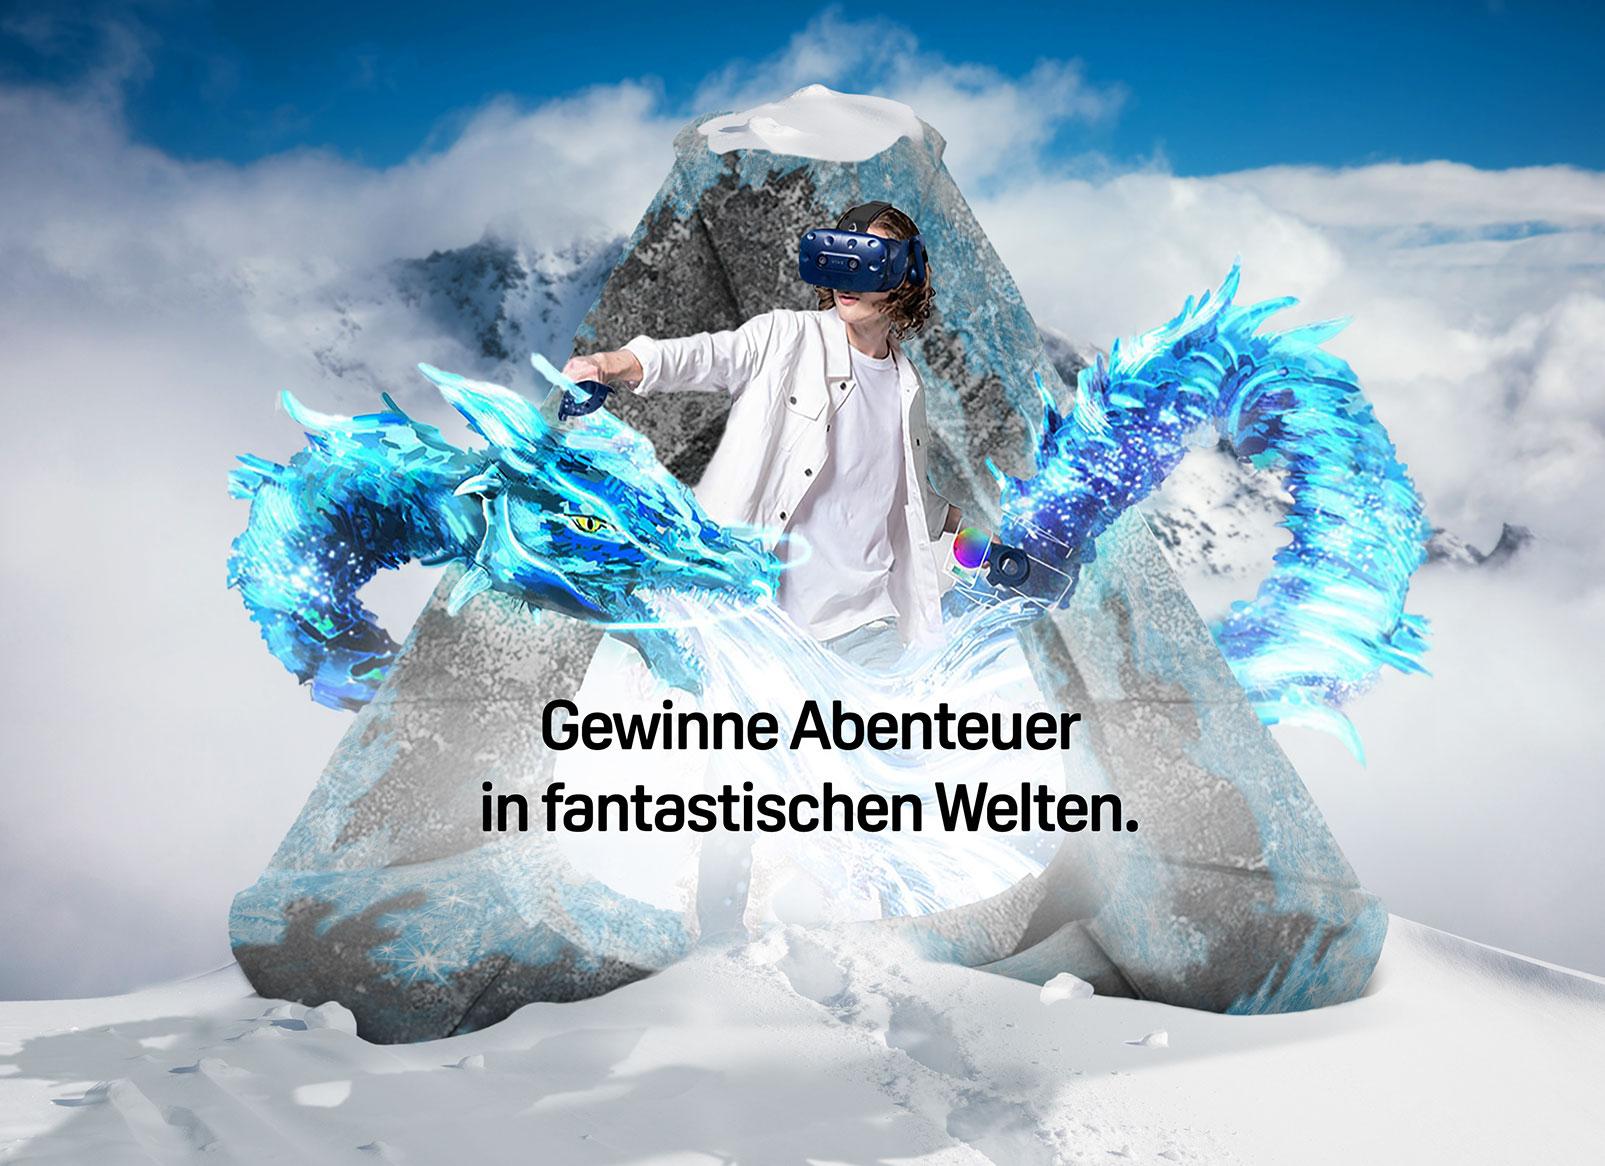 Gewinne Abenteuer in fantastischen Welten.